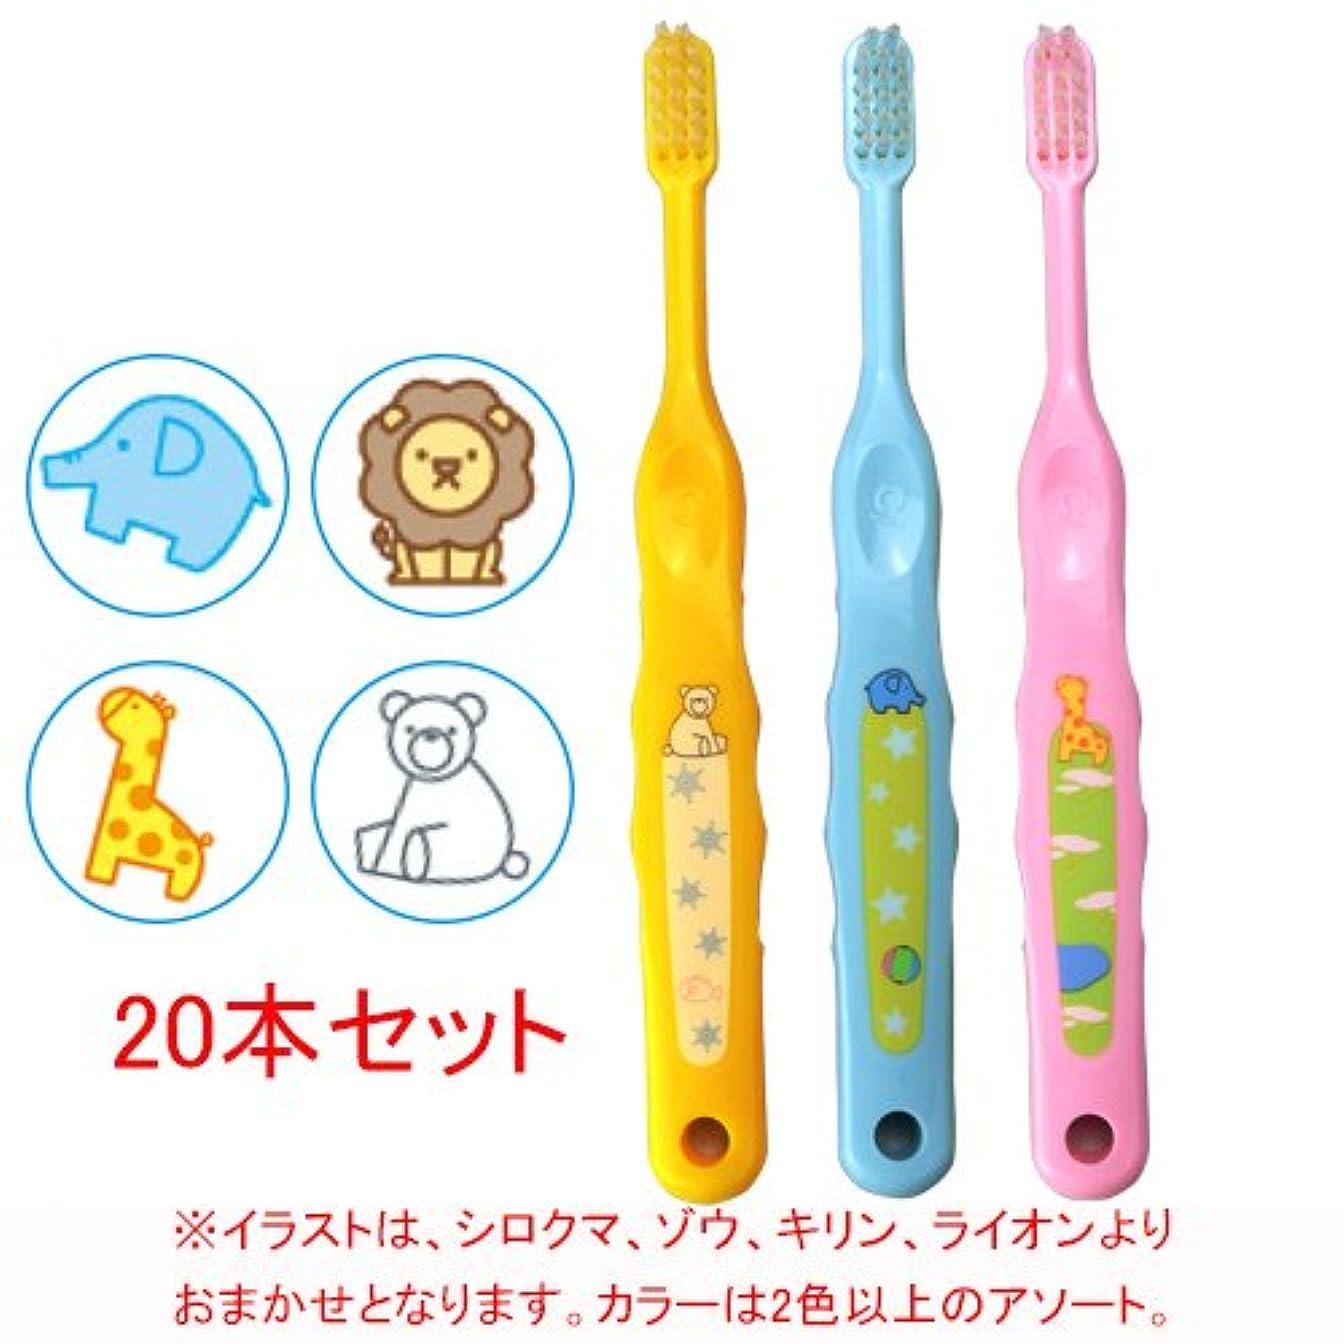 変換変形する火炎Ciメディカル Ci なまえ歯ブラシ 503 (やわらかめ) (乳児~小学生向)×20本